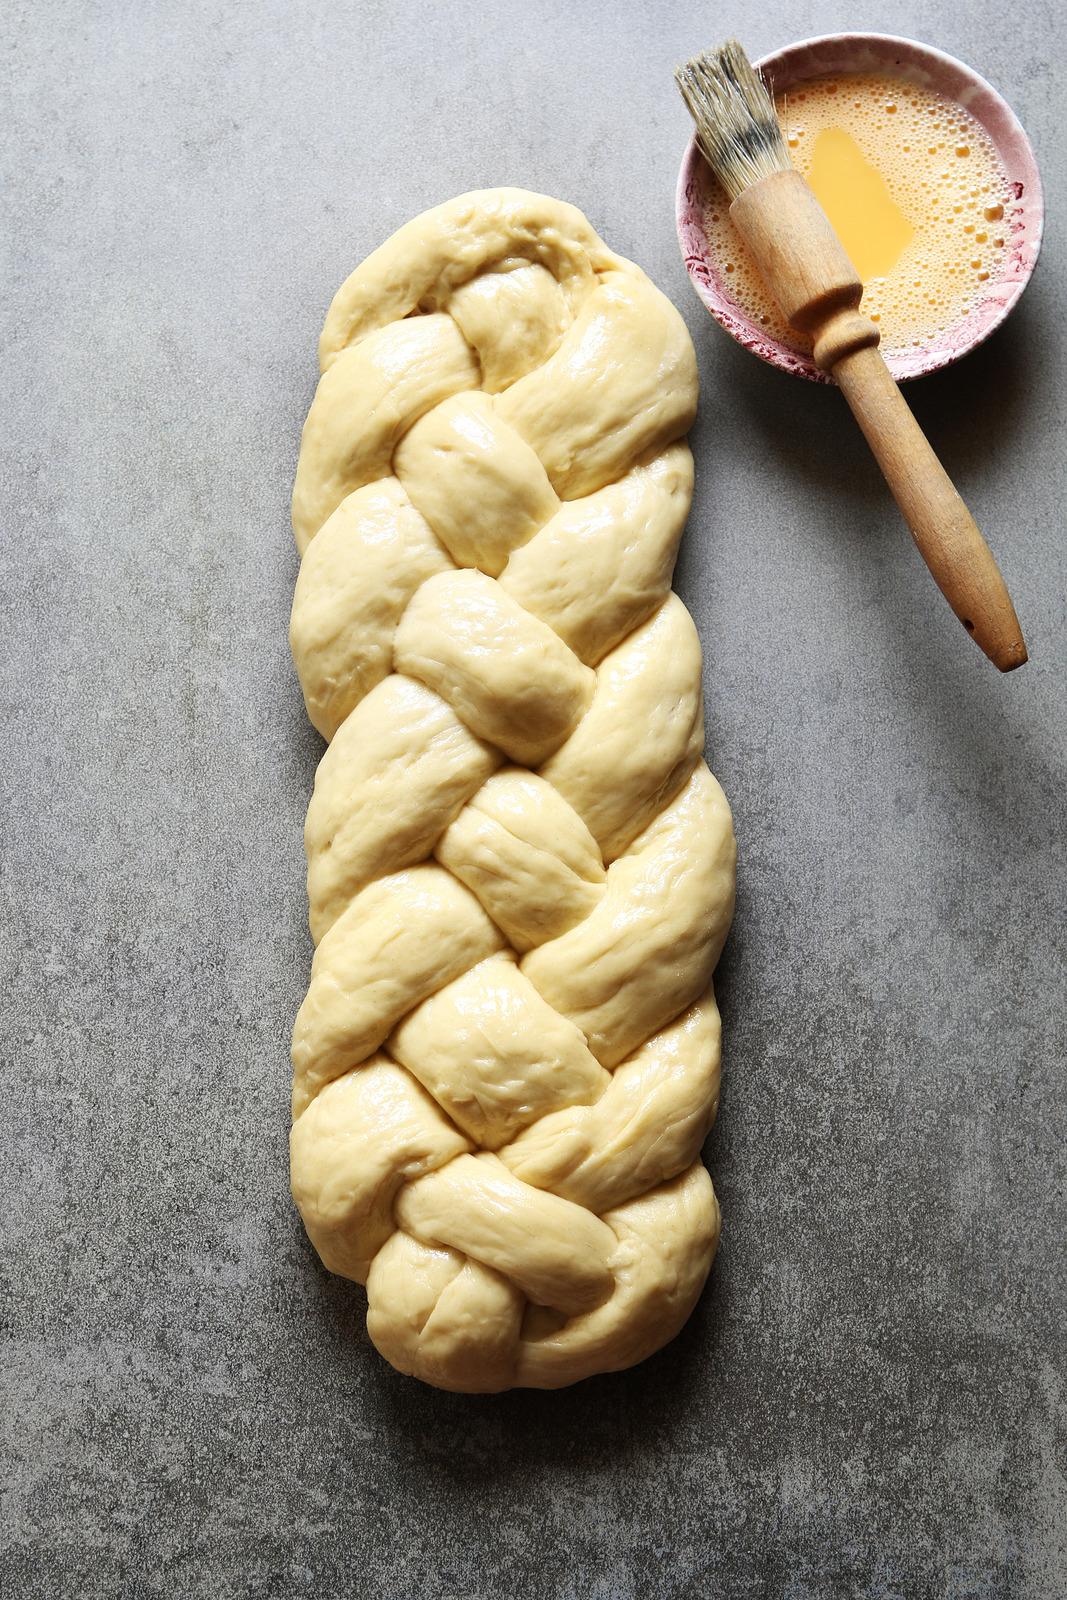 Braided bread dough